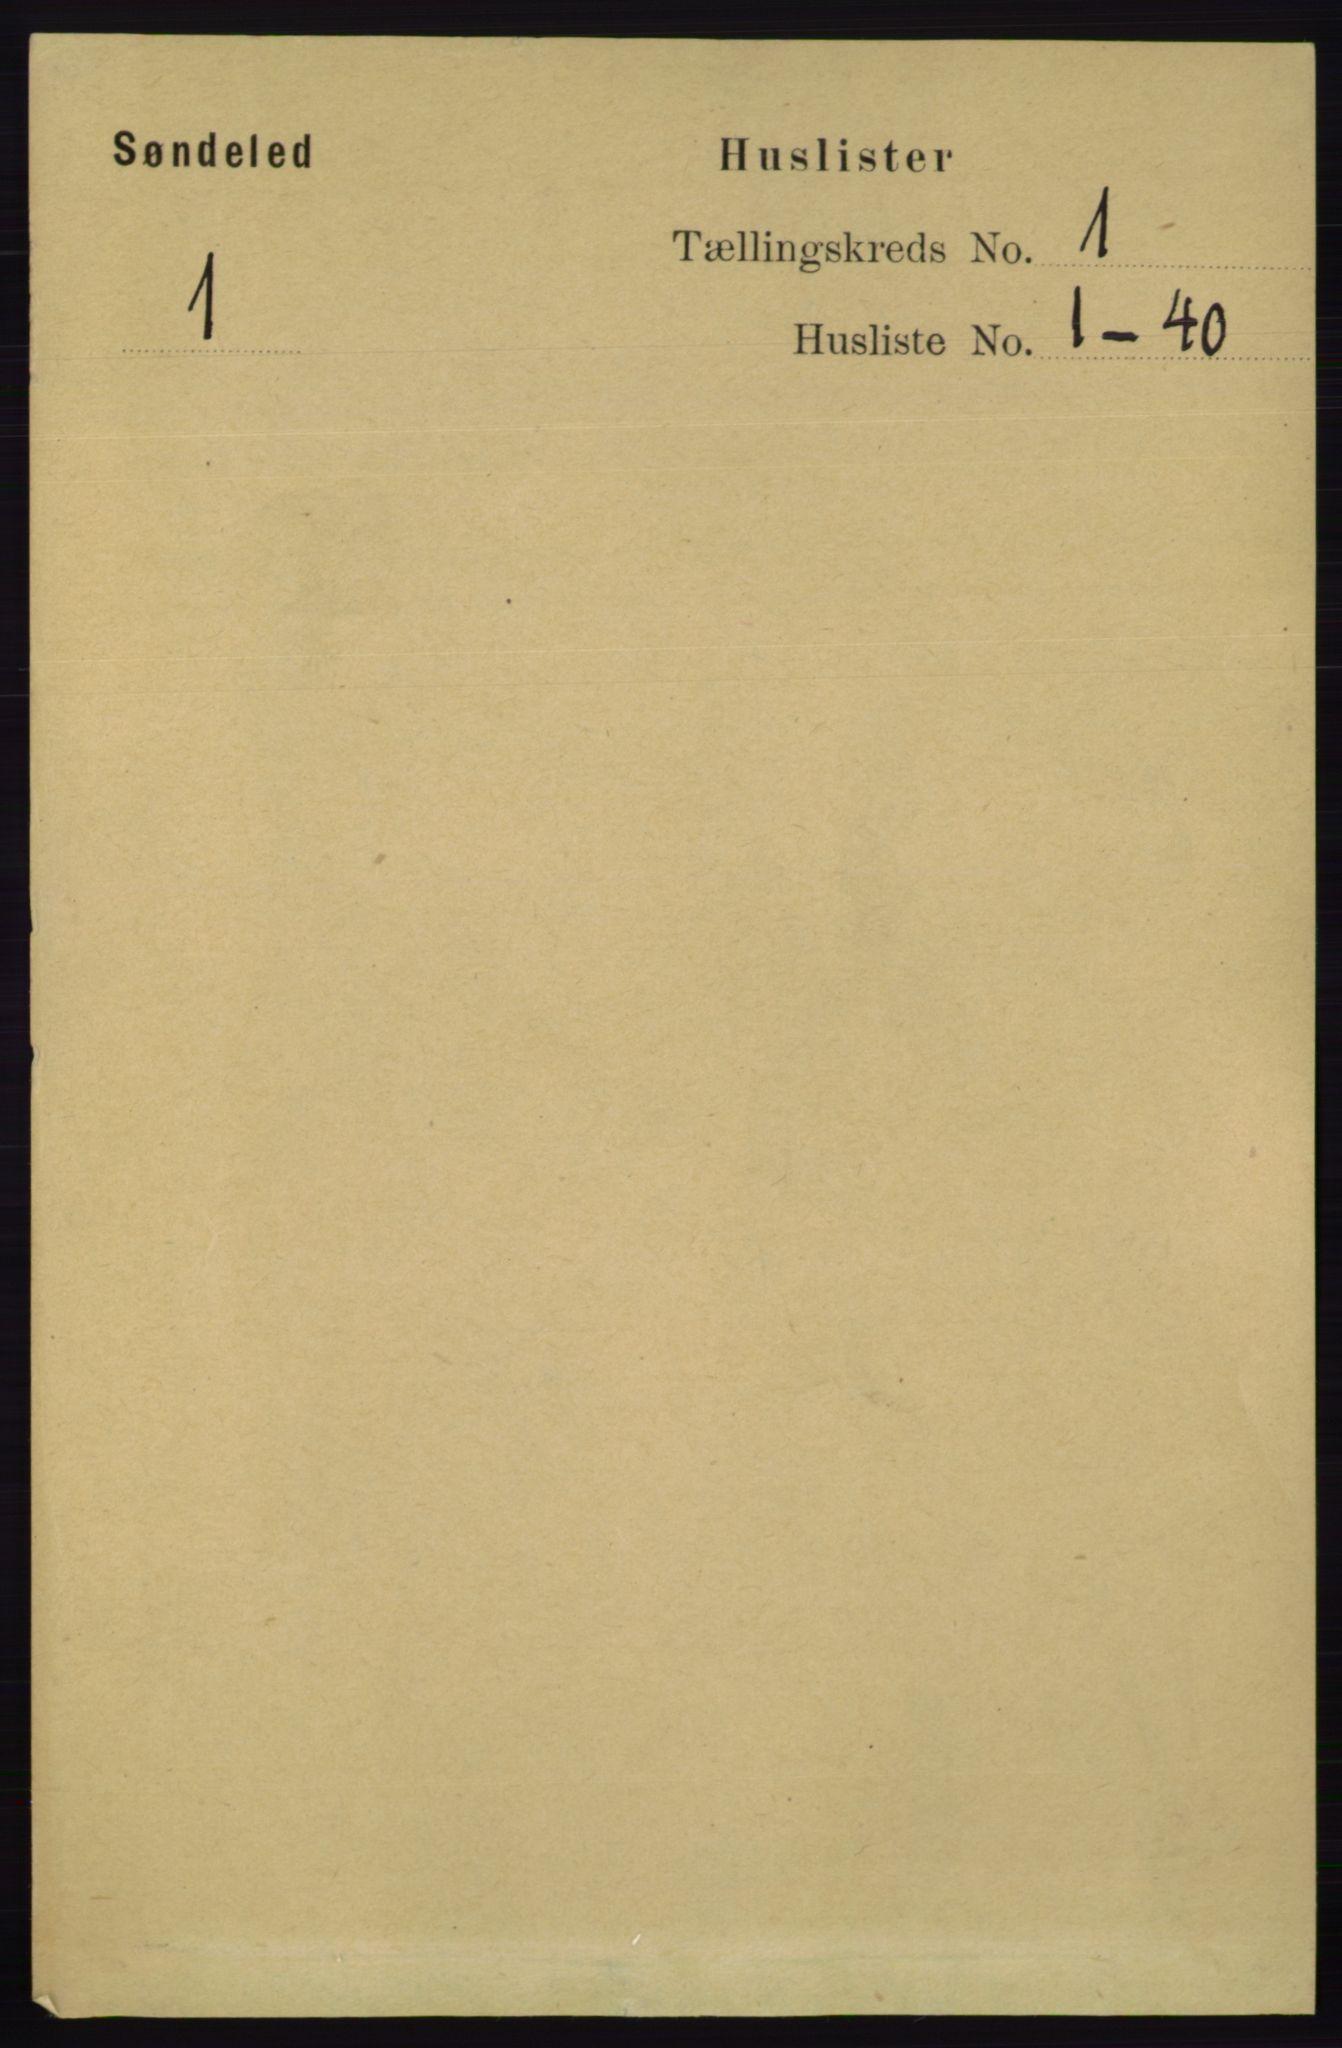 RA, Folketelling 1891 for 0913 Søndeled herred, 1891, s. 38